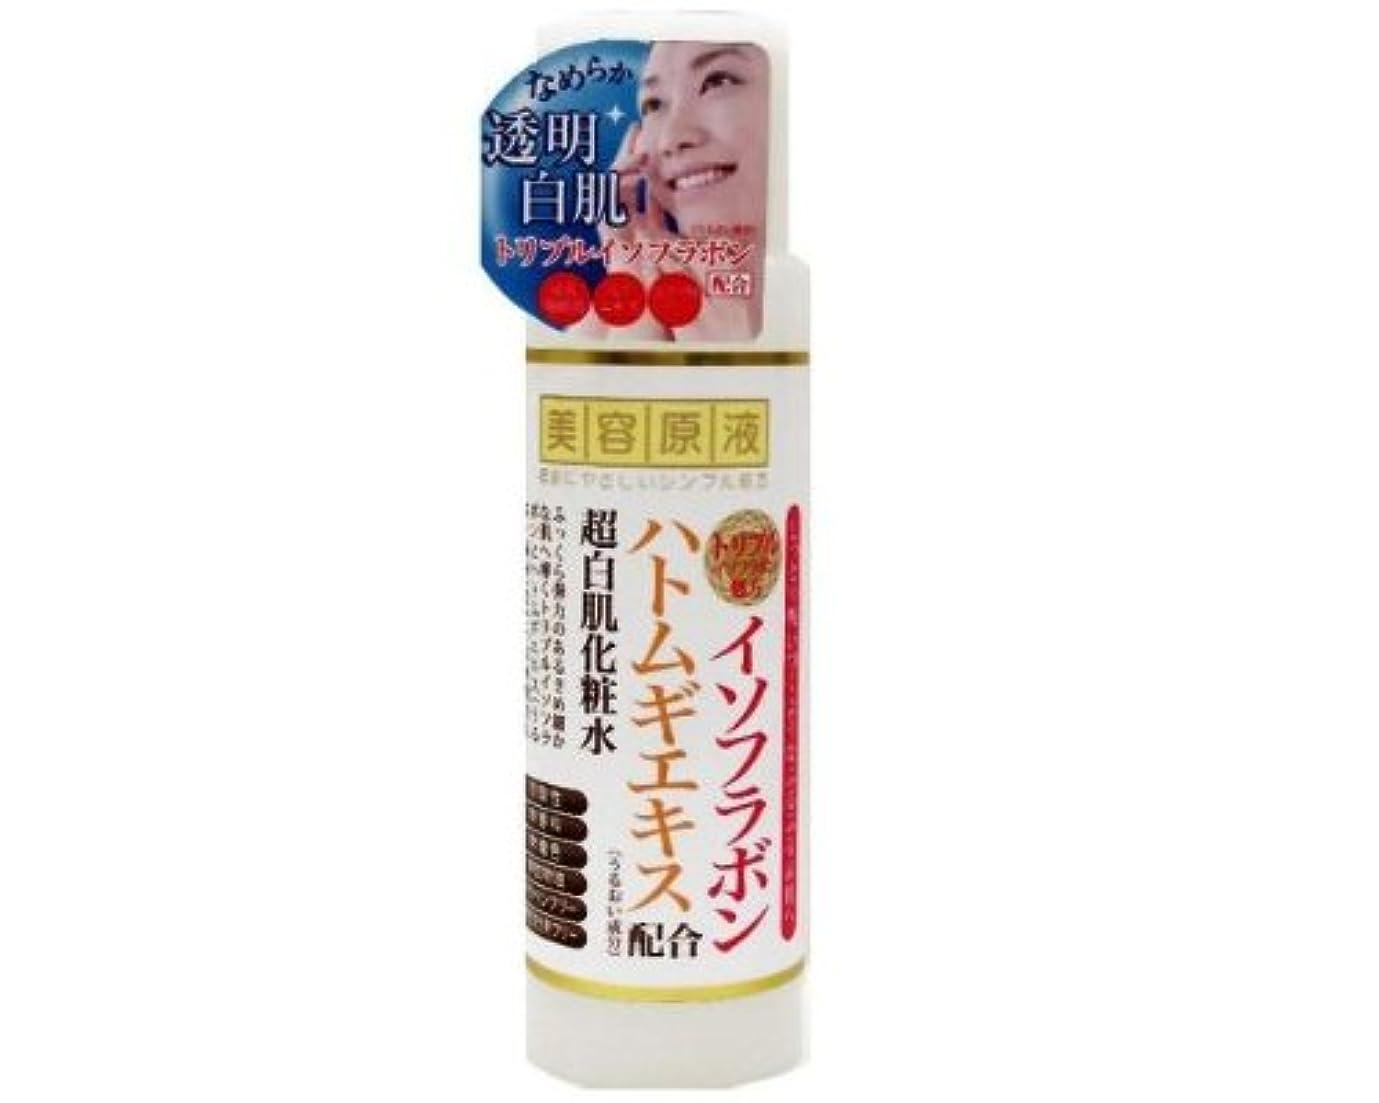 保証する魅惑的な抜本的な美容原液 イソフラボンとハトムギの化粧水